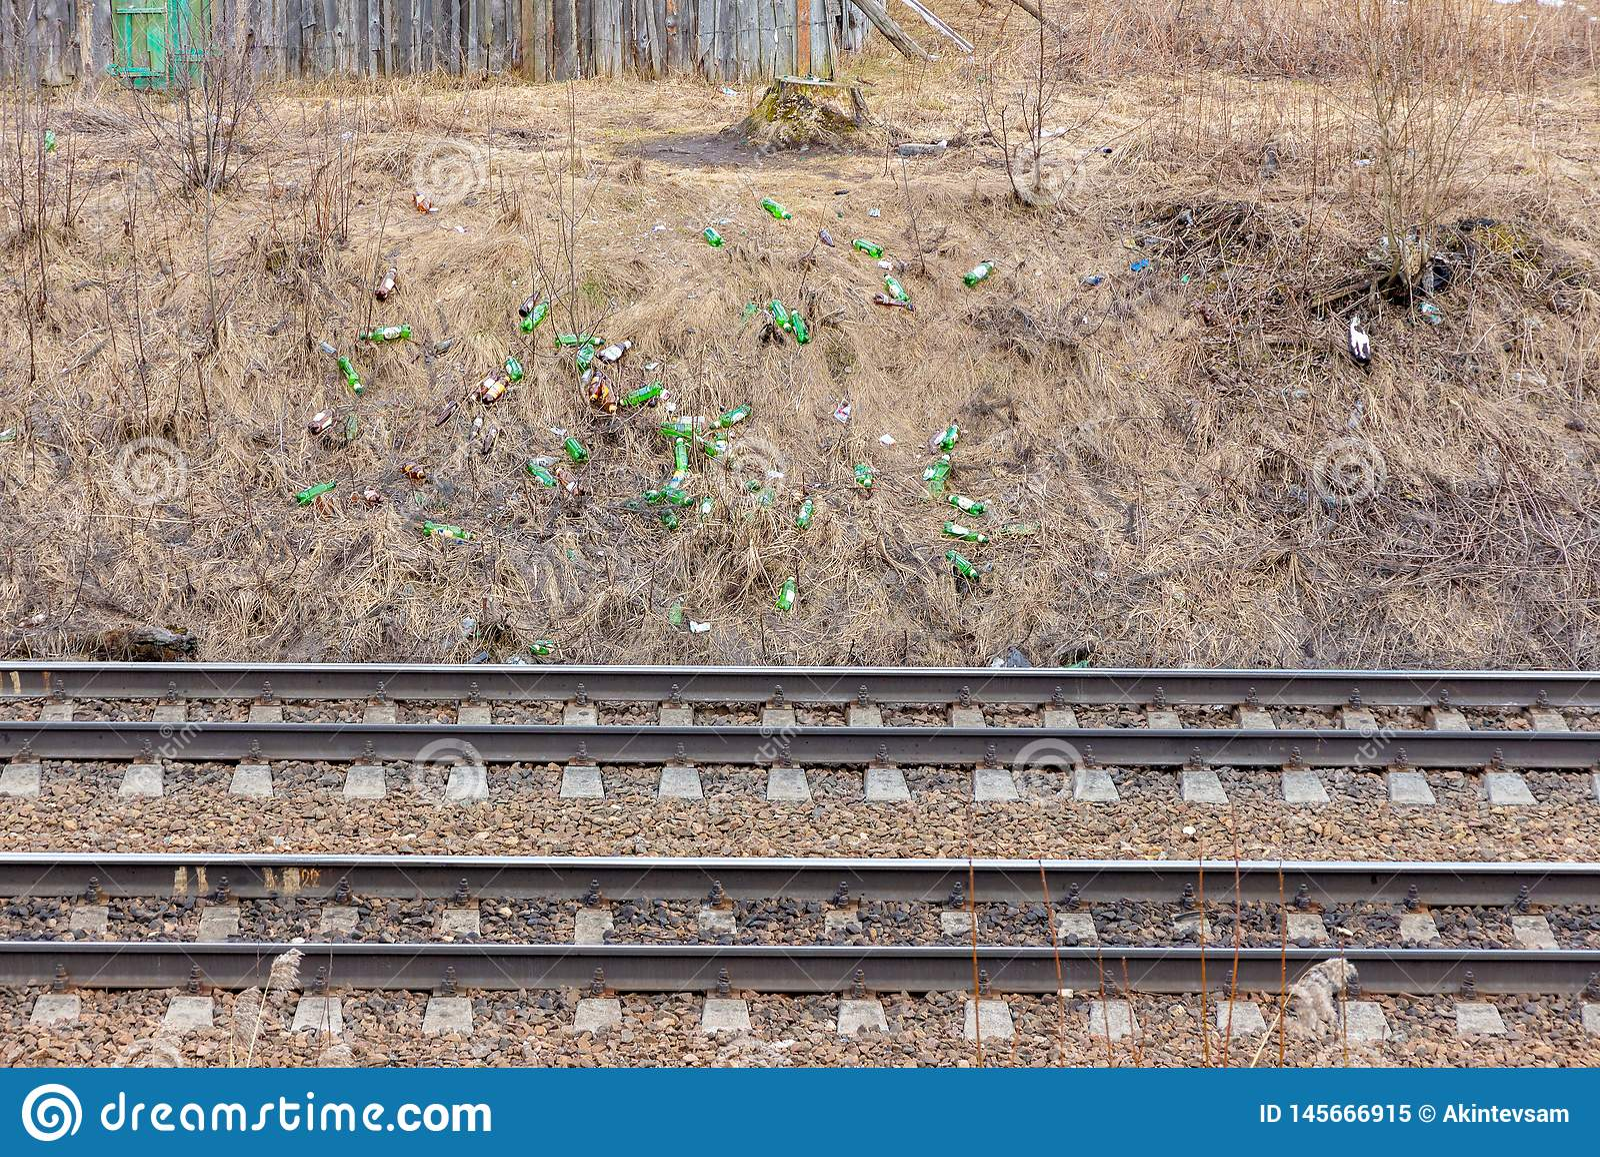 Хлам железной дороги много стеклянных бутылок на железнодорожном обваловке